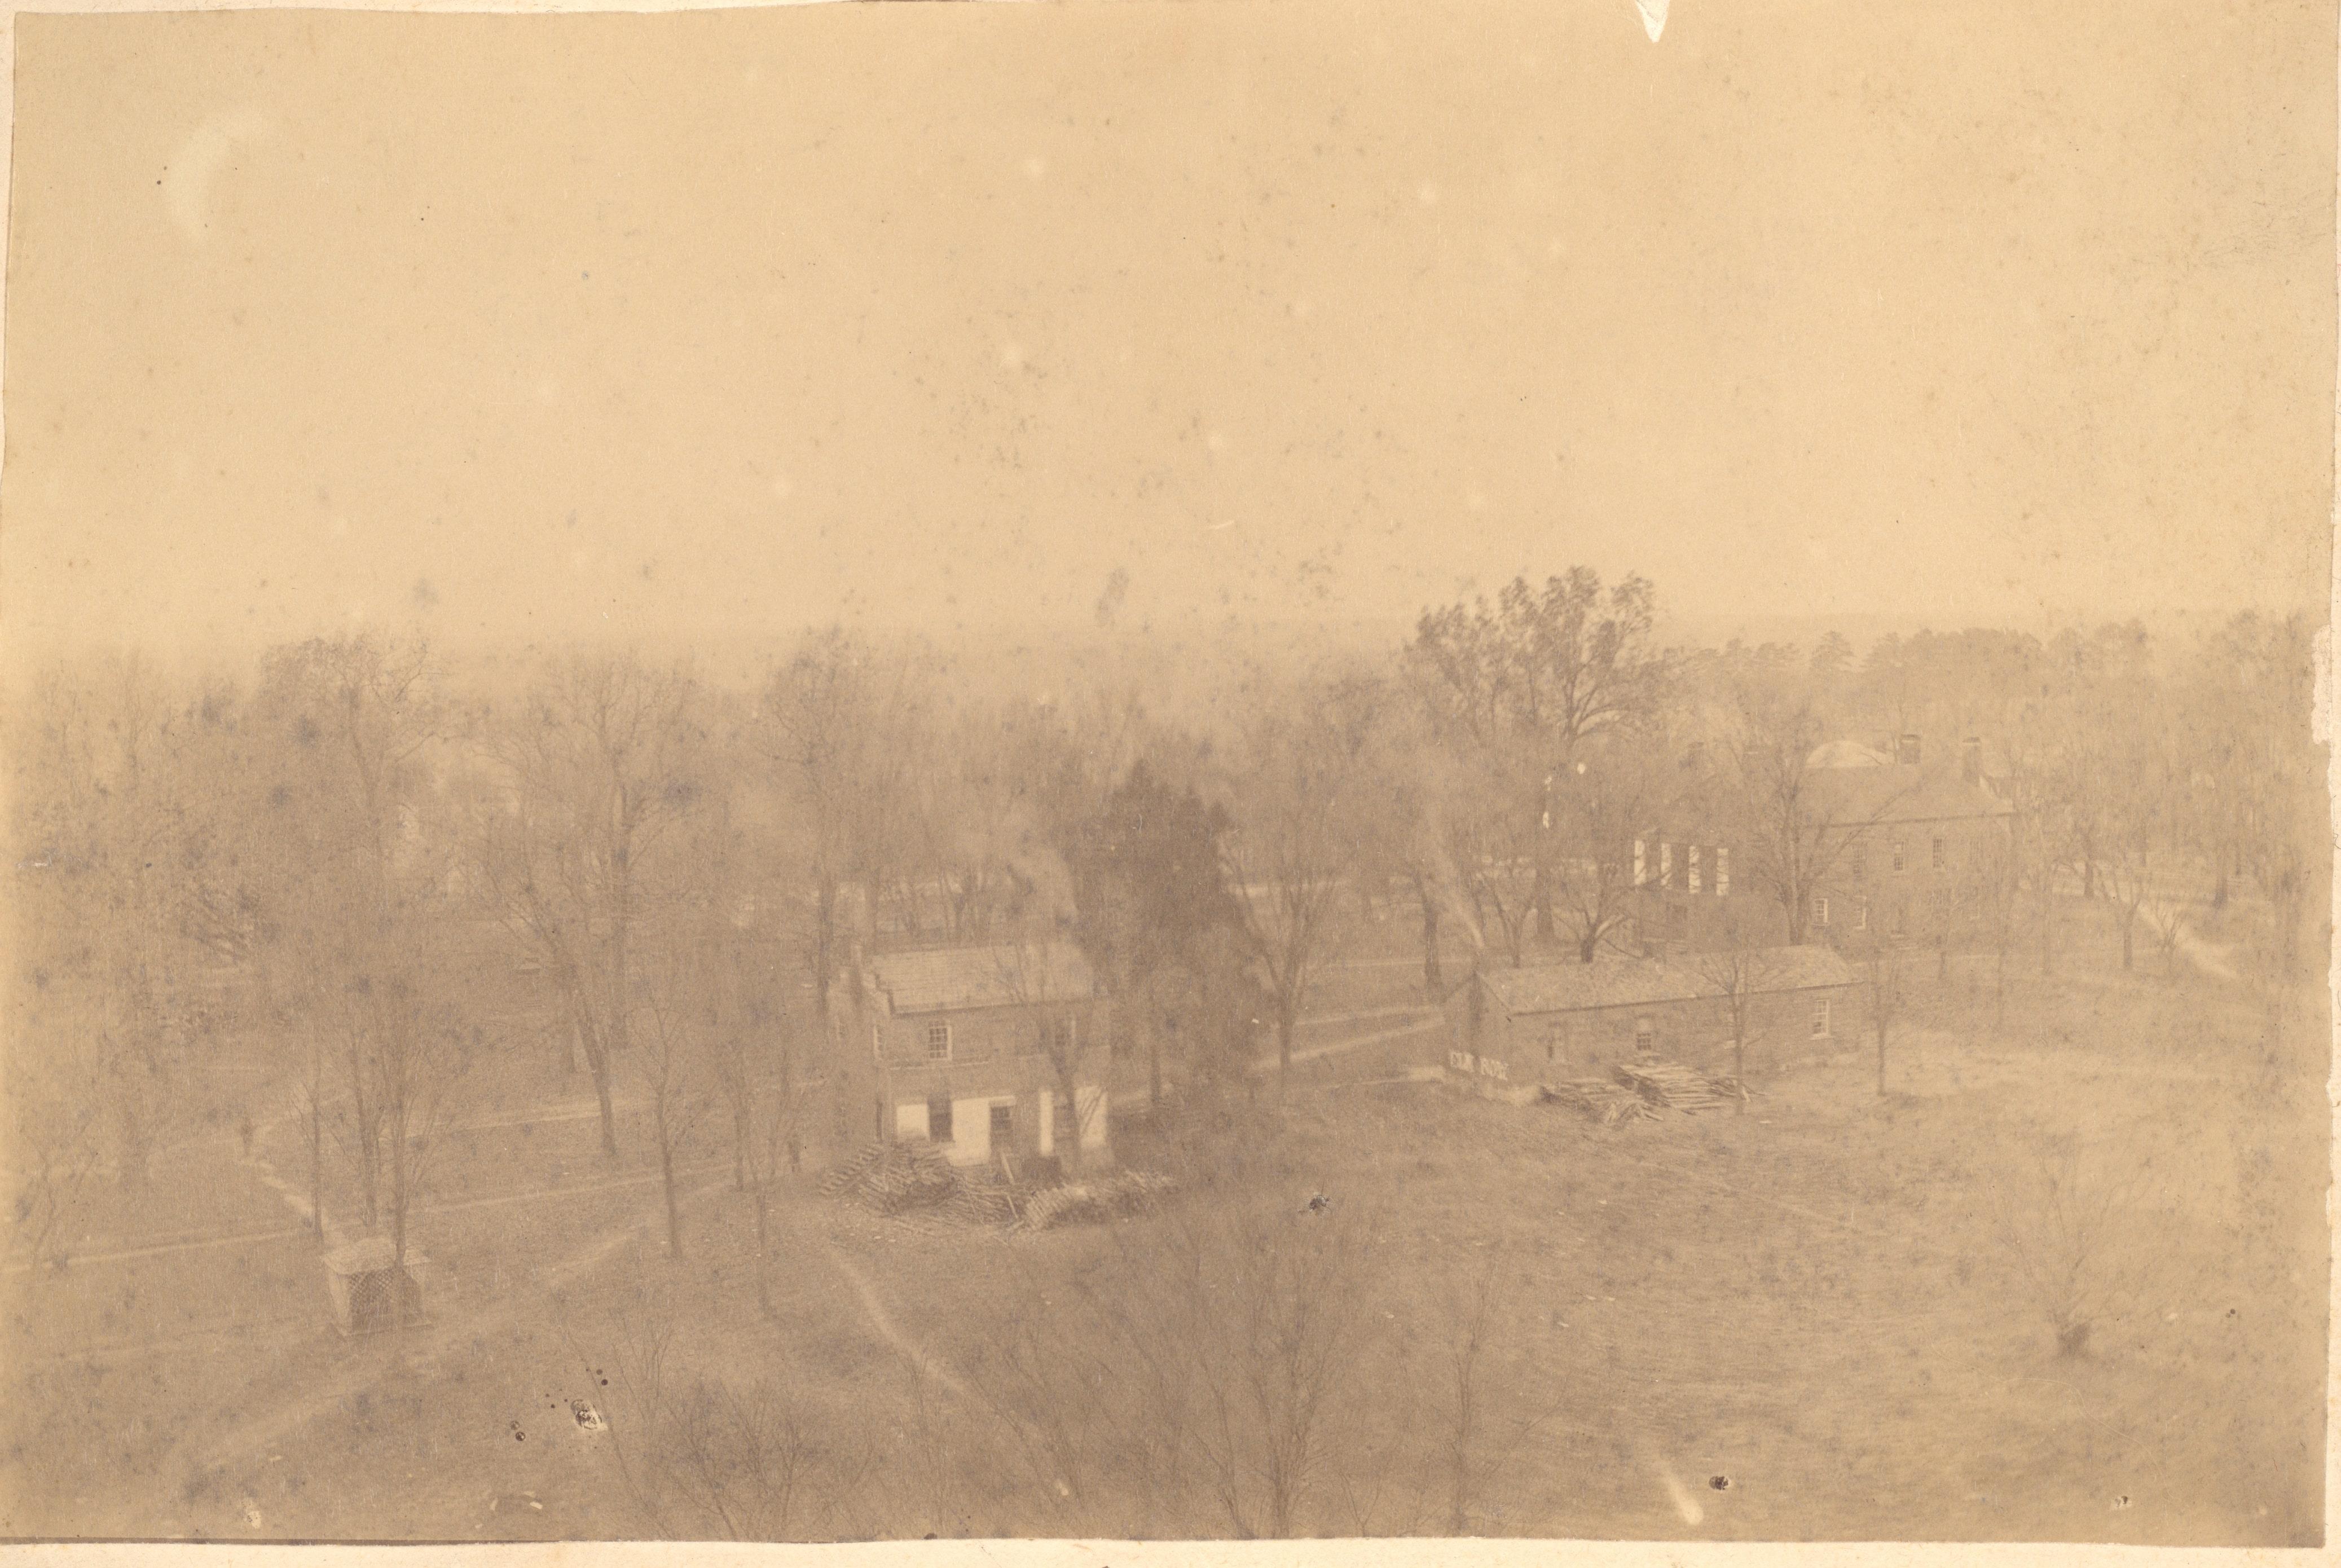 sepia tone aerial view of campus